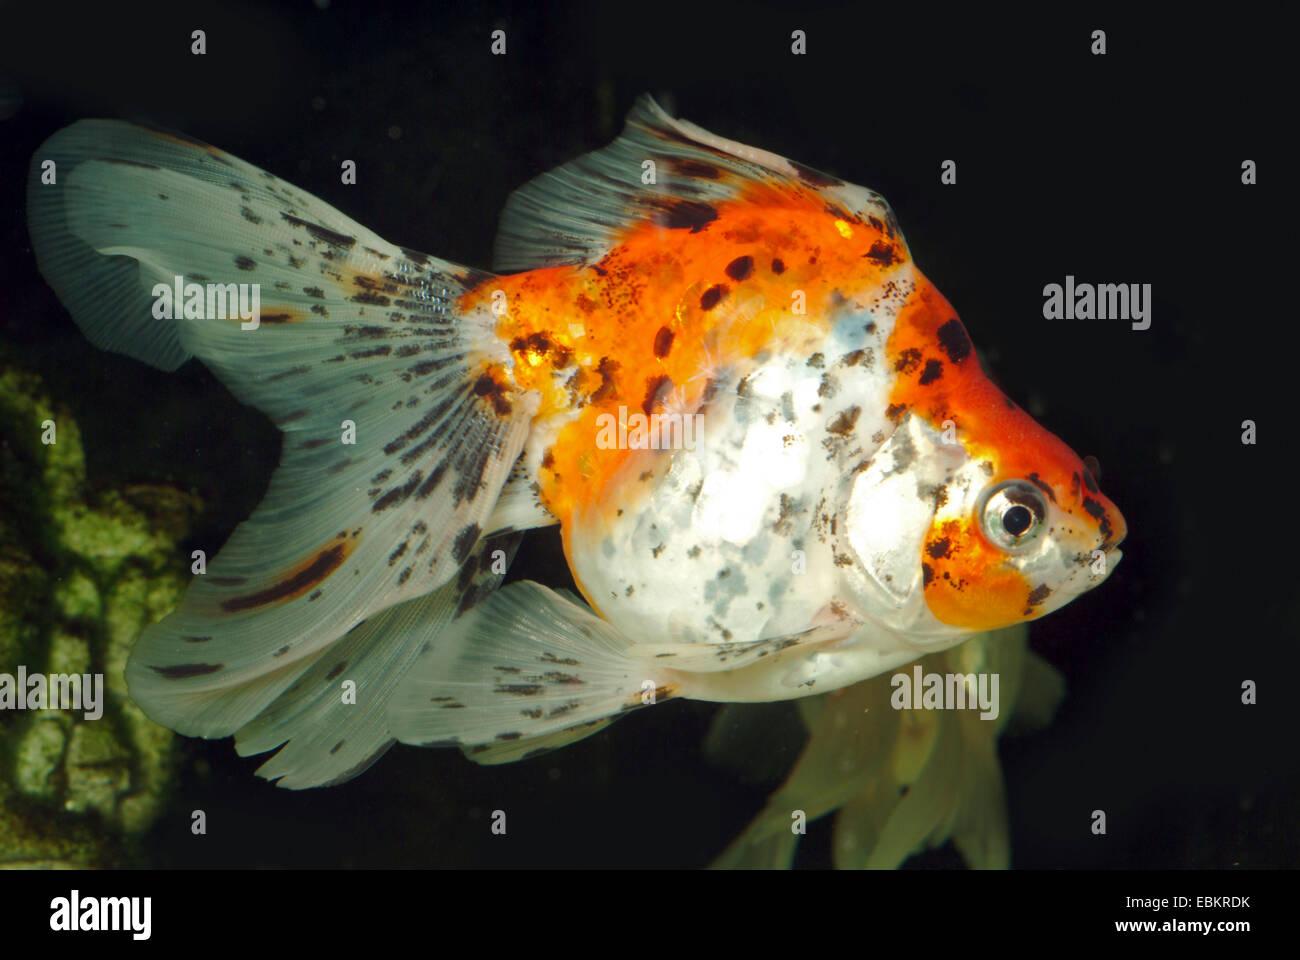 Common carp carassius auratus im genes de stock common for Criadero de peces goldfish